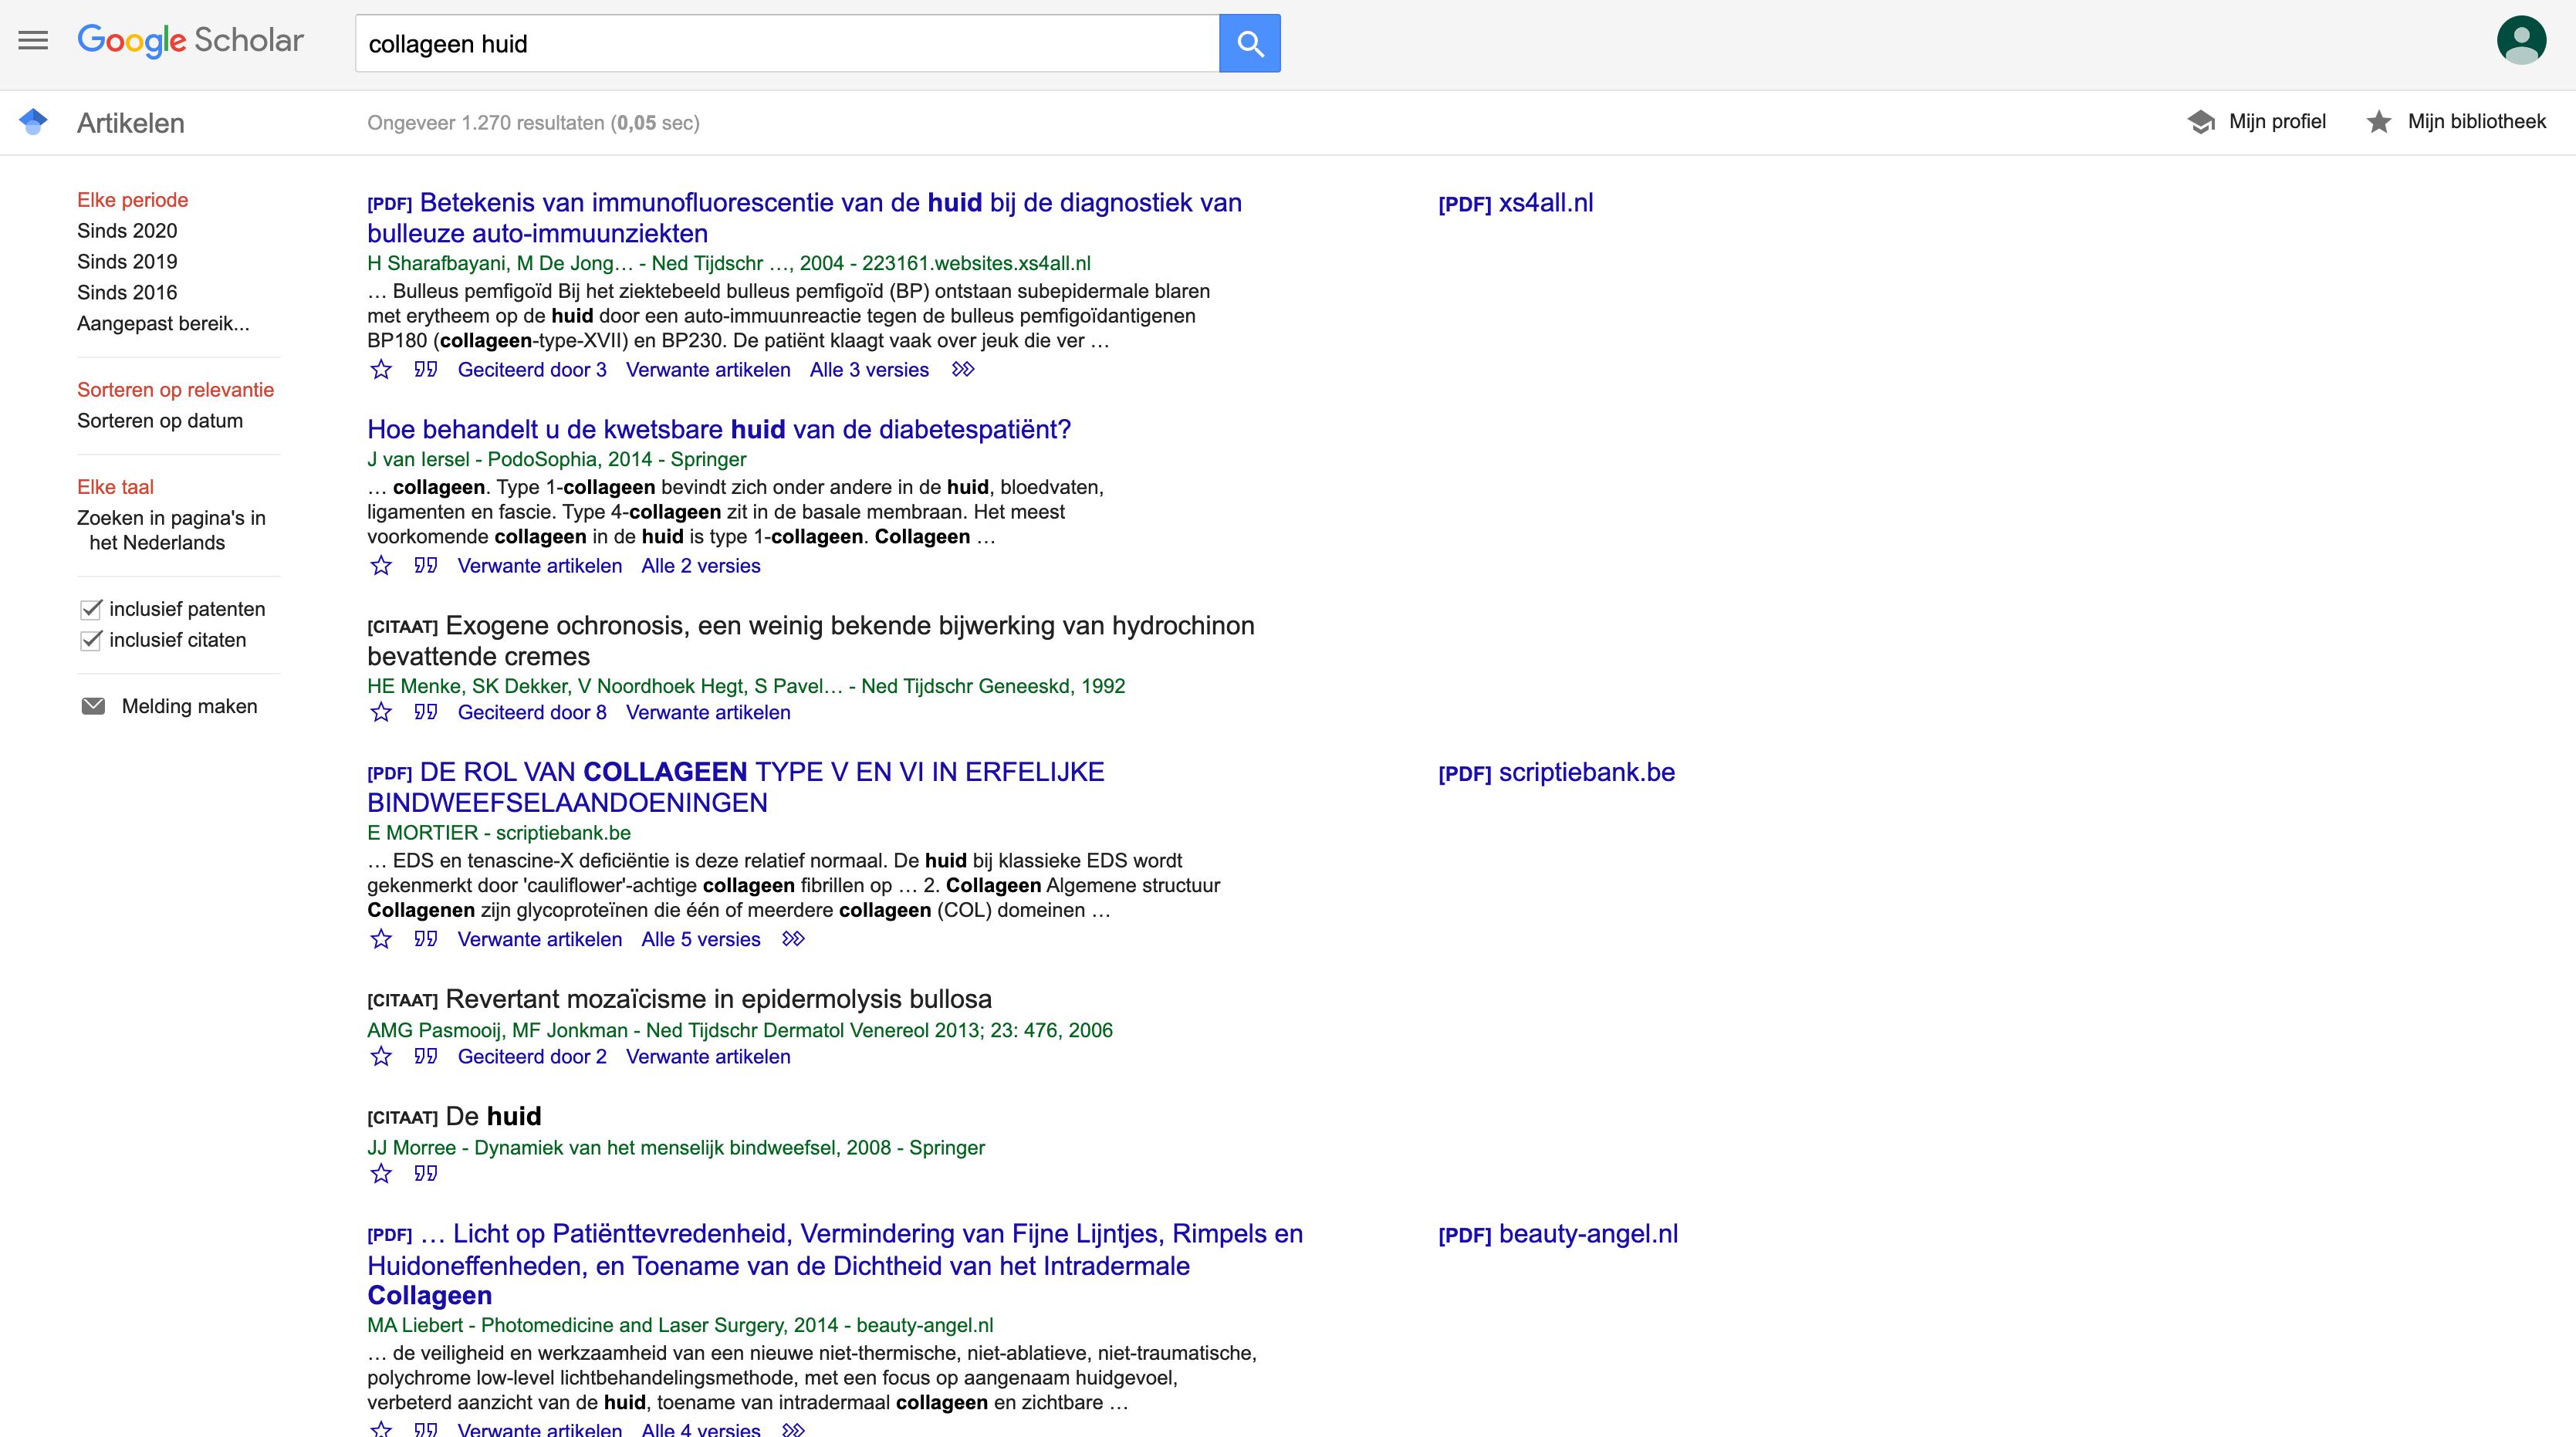 Nederlandse zoekwoorden heeft minder resultaten dan engelse